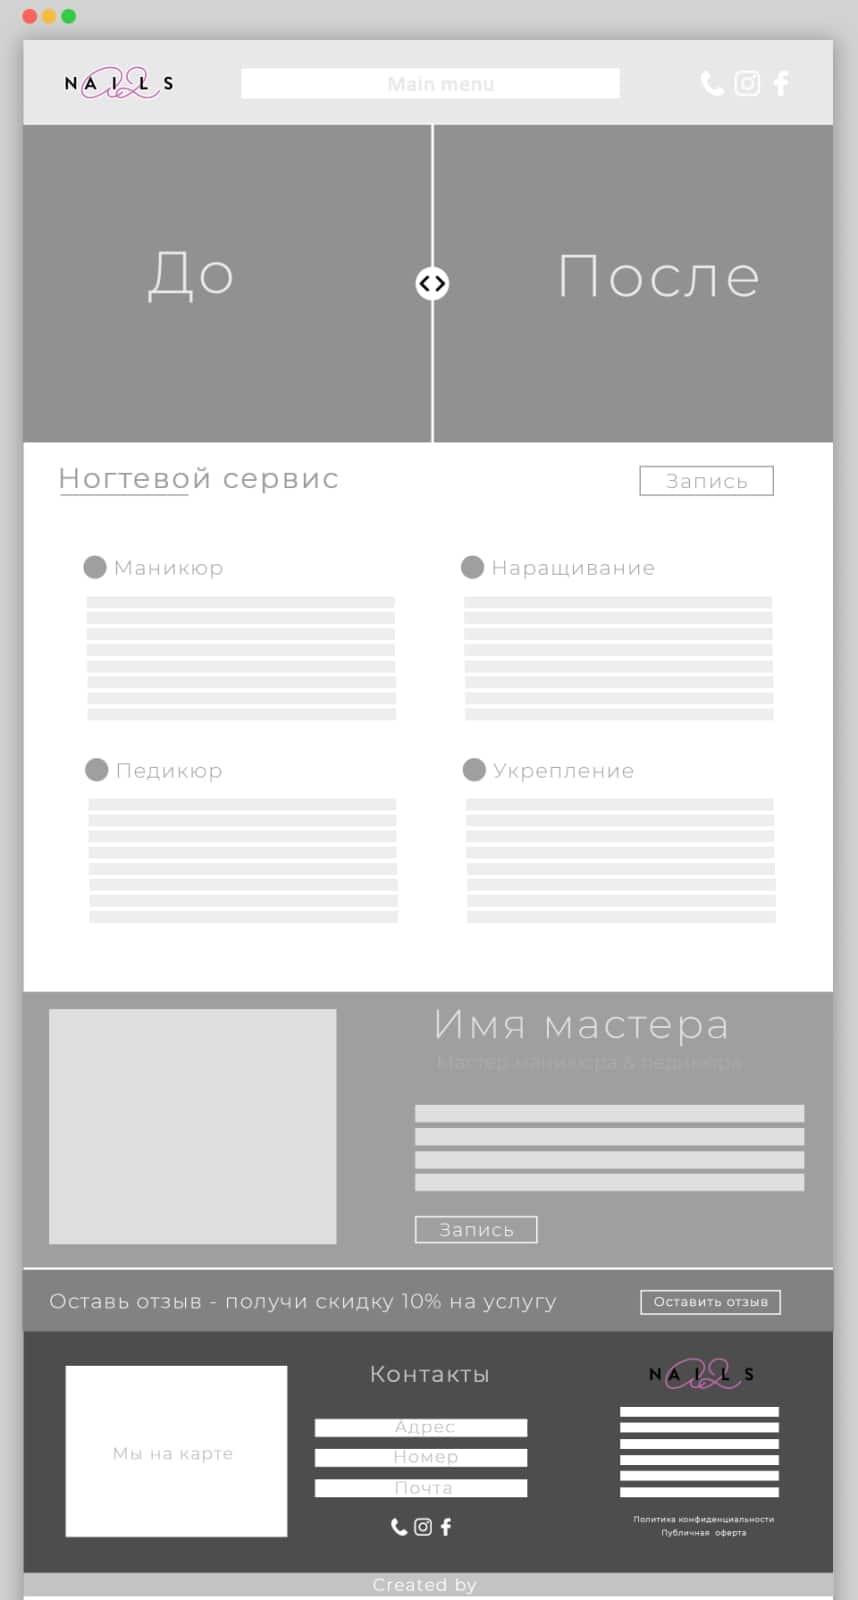 Этапы создания сайта - верстка